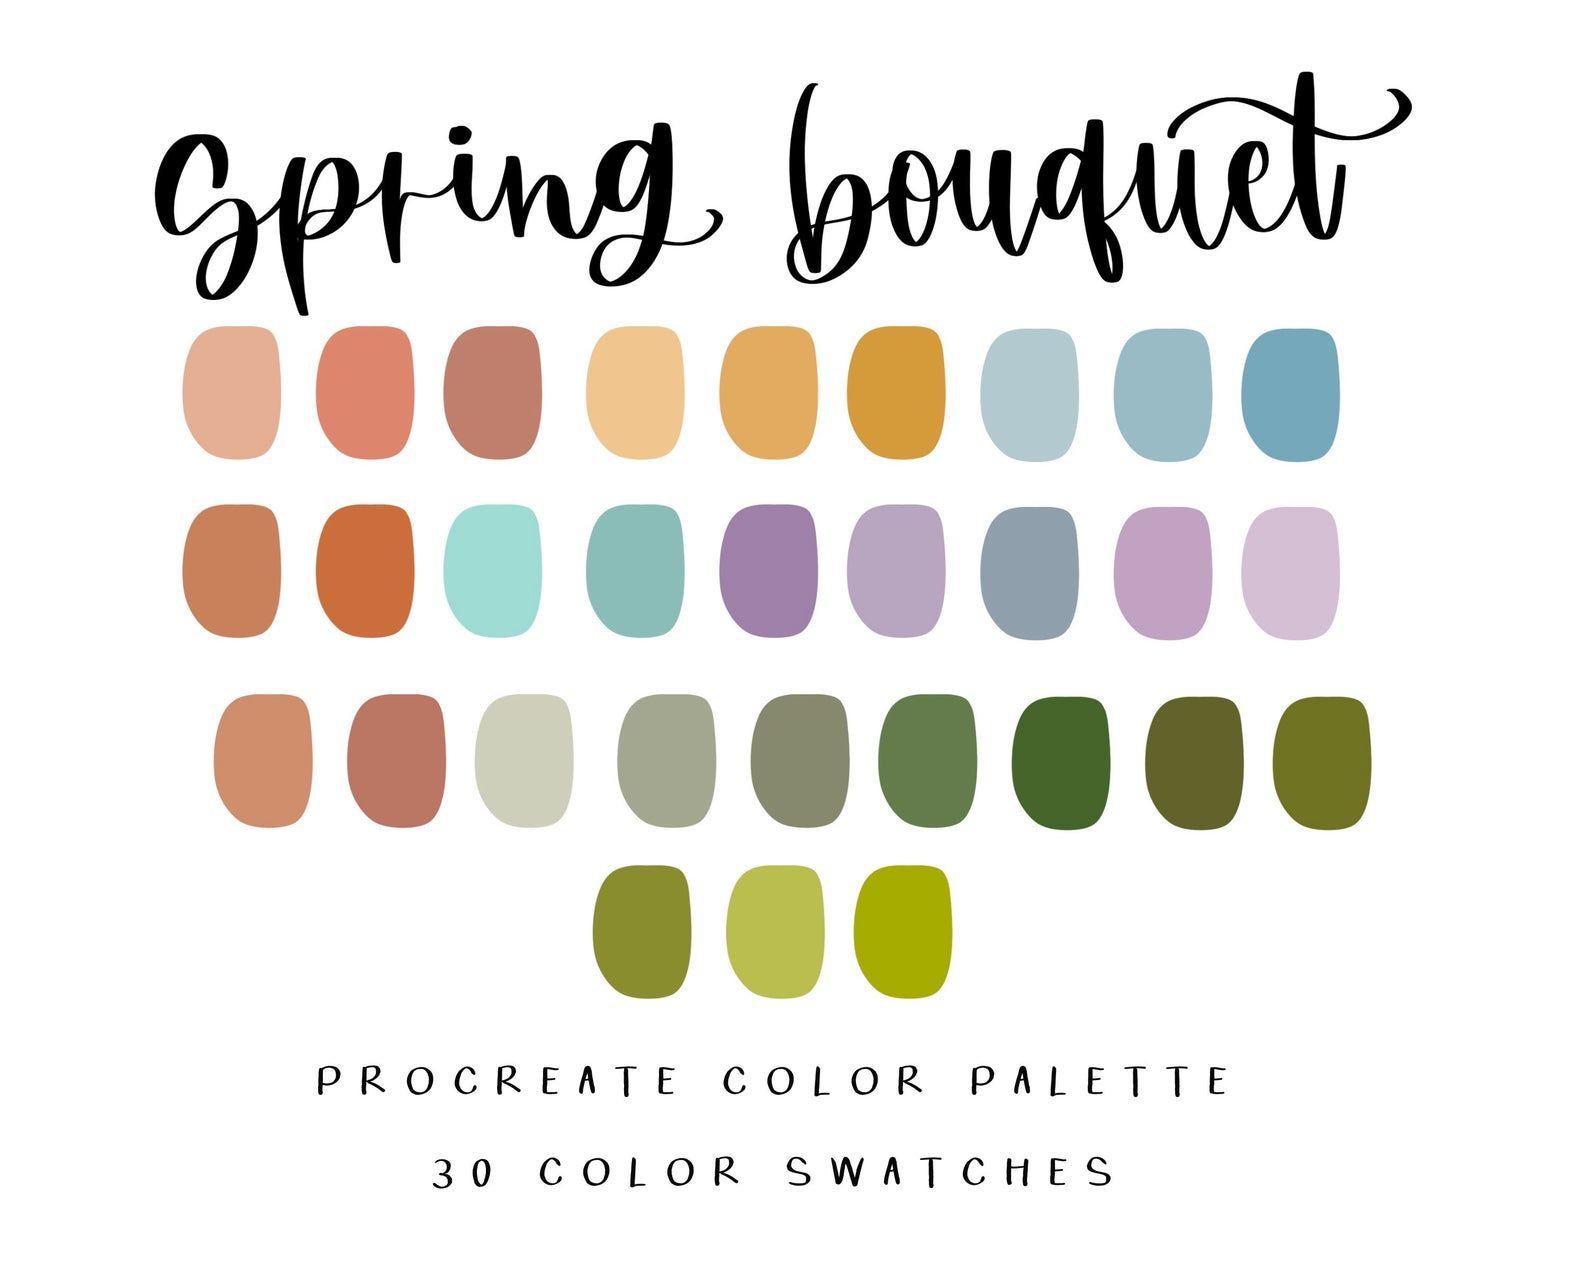 Spring bouquet procreate palette/procreate color palette/instant download